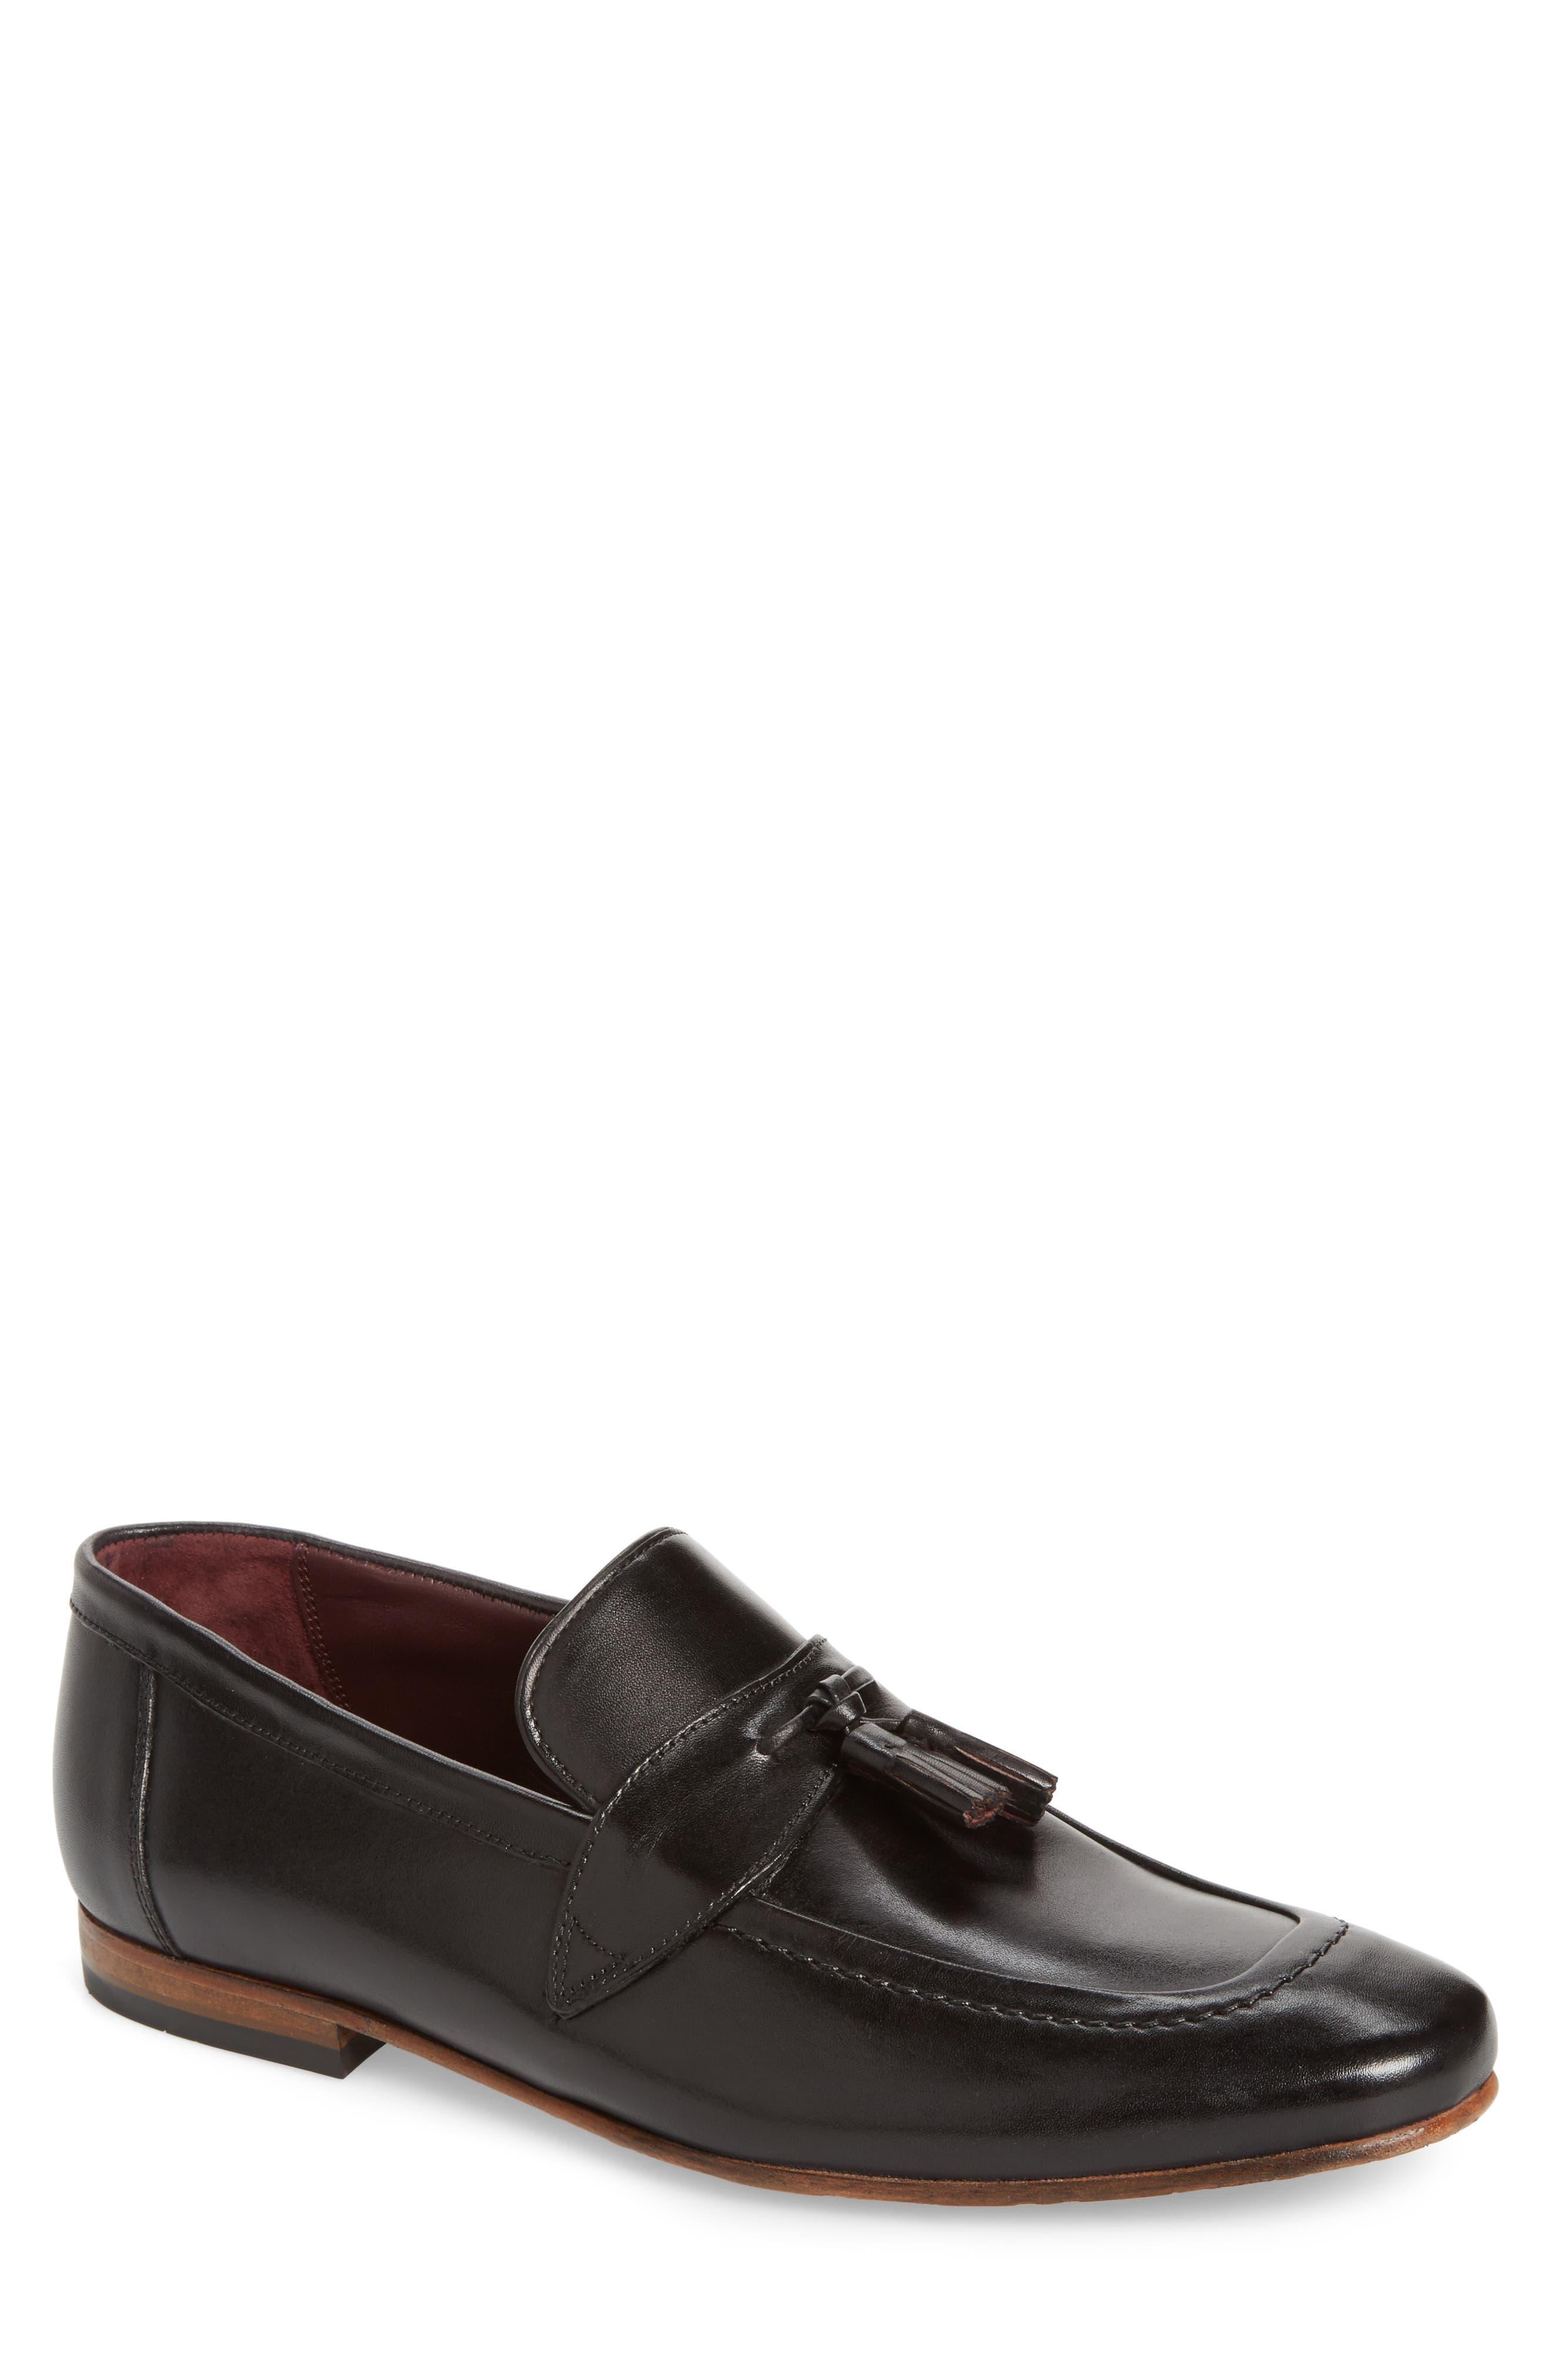 Grafit Tassel Loafer,                         Main,                         color, Black Leather